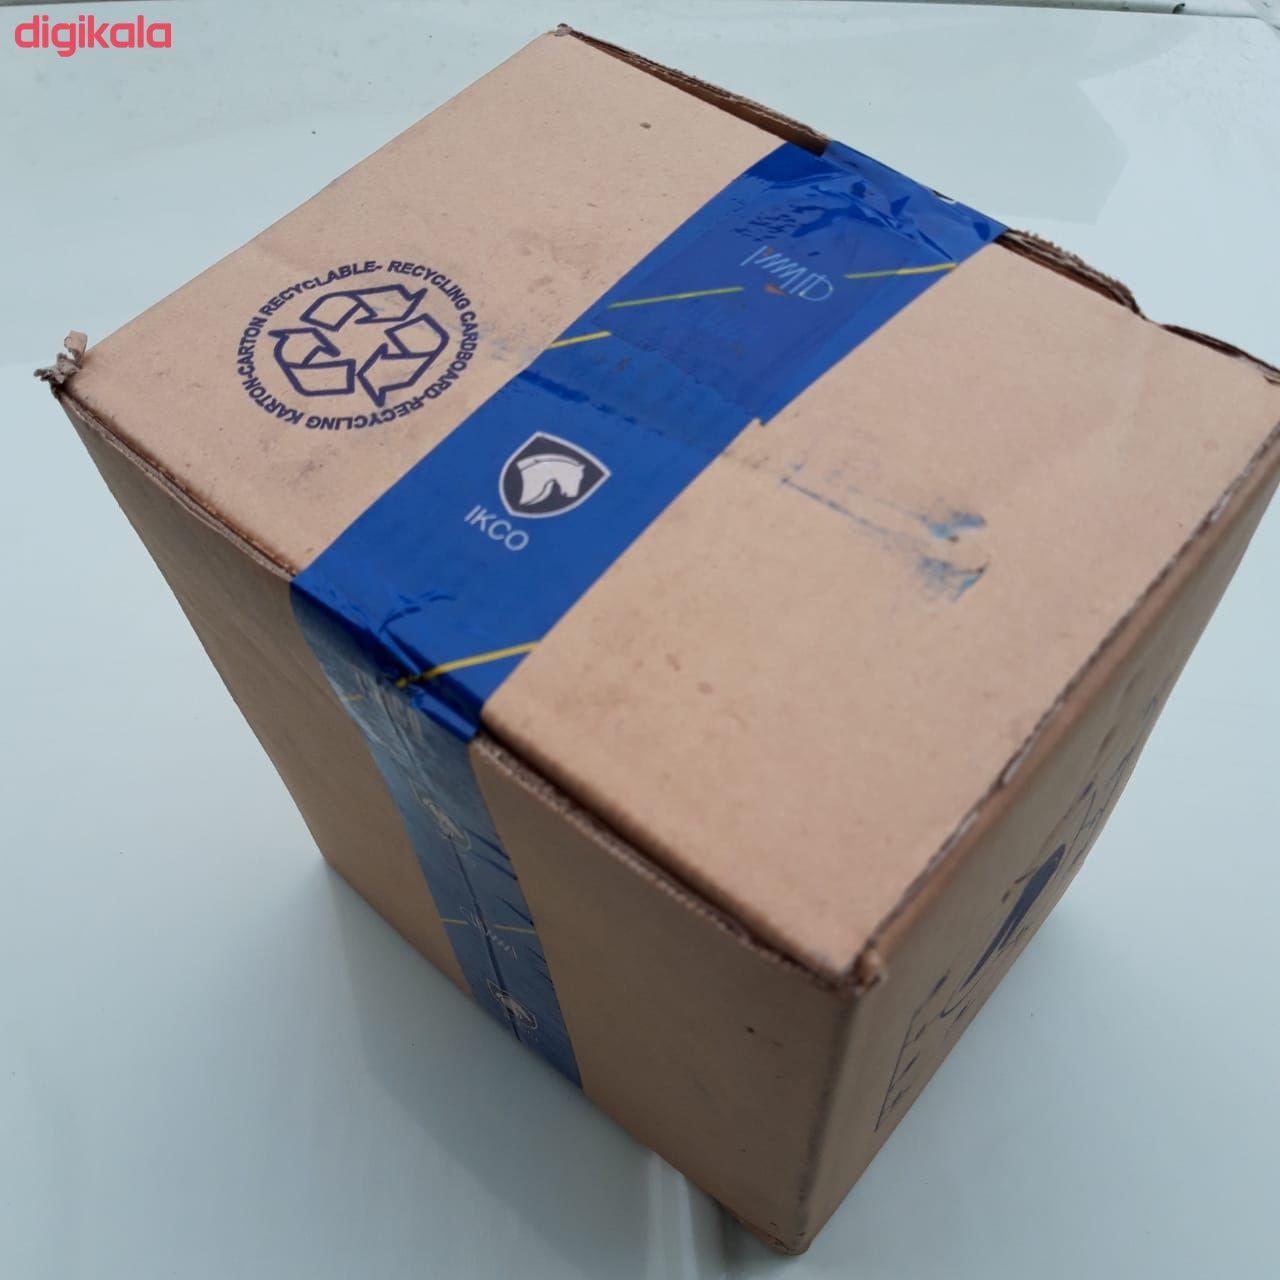 اویل پمپ ایساکو کد 0360101005 مناسب برای پژو 405 main 1 3